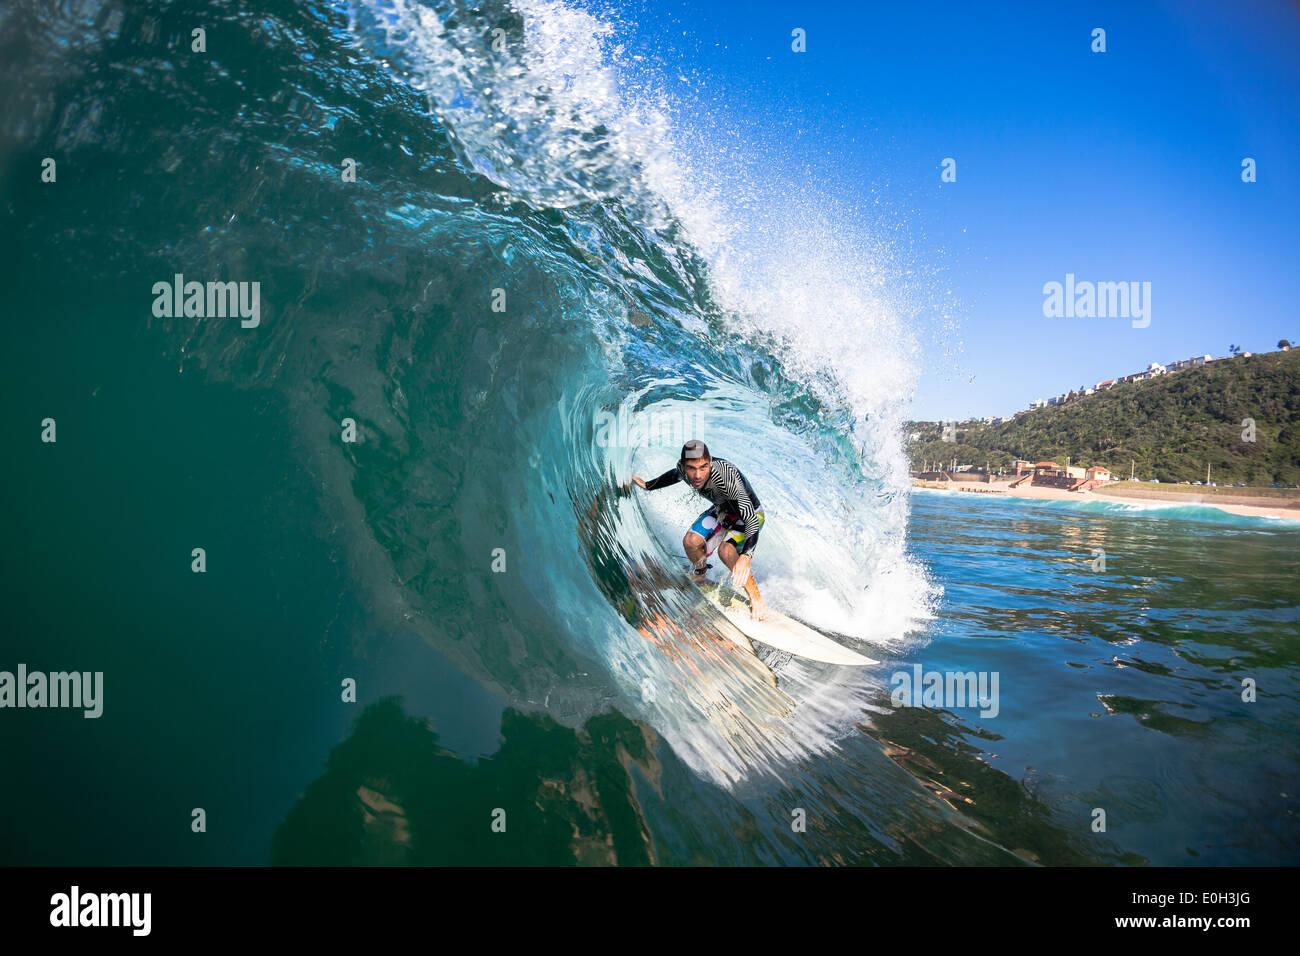 Surfen Surfer Tube Fahrten hohlen blau Absturz Ozeanwelle Actionfoto Wasser schwimmen. Stockbild